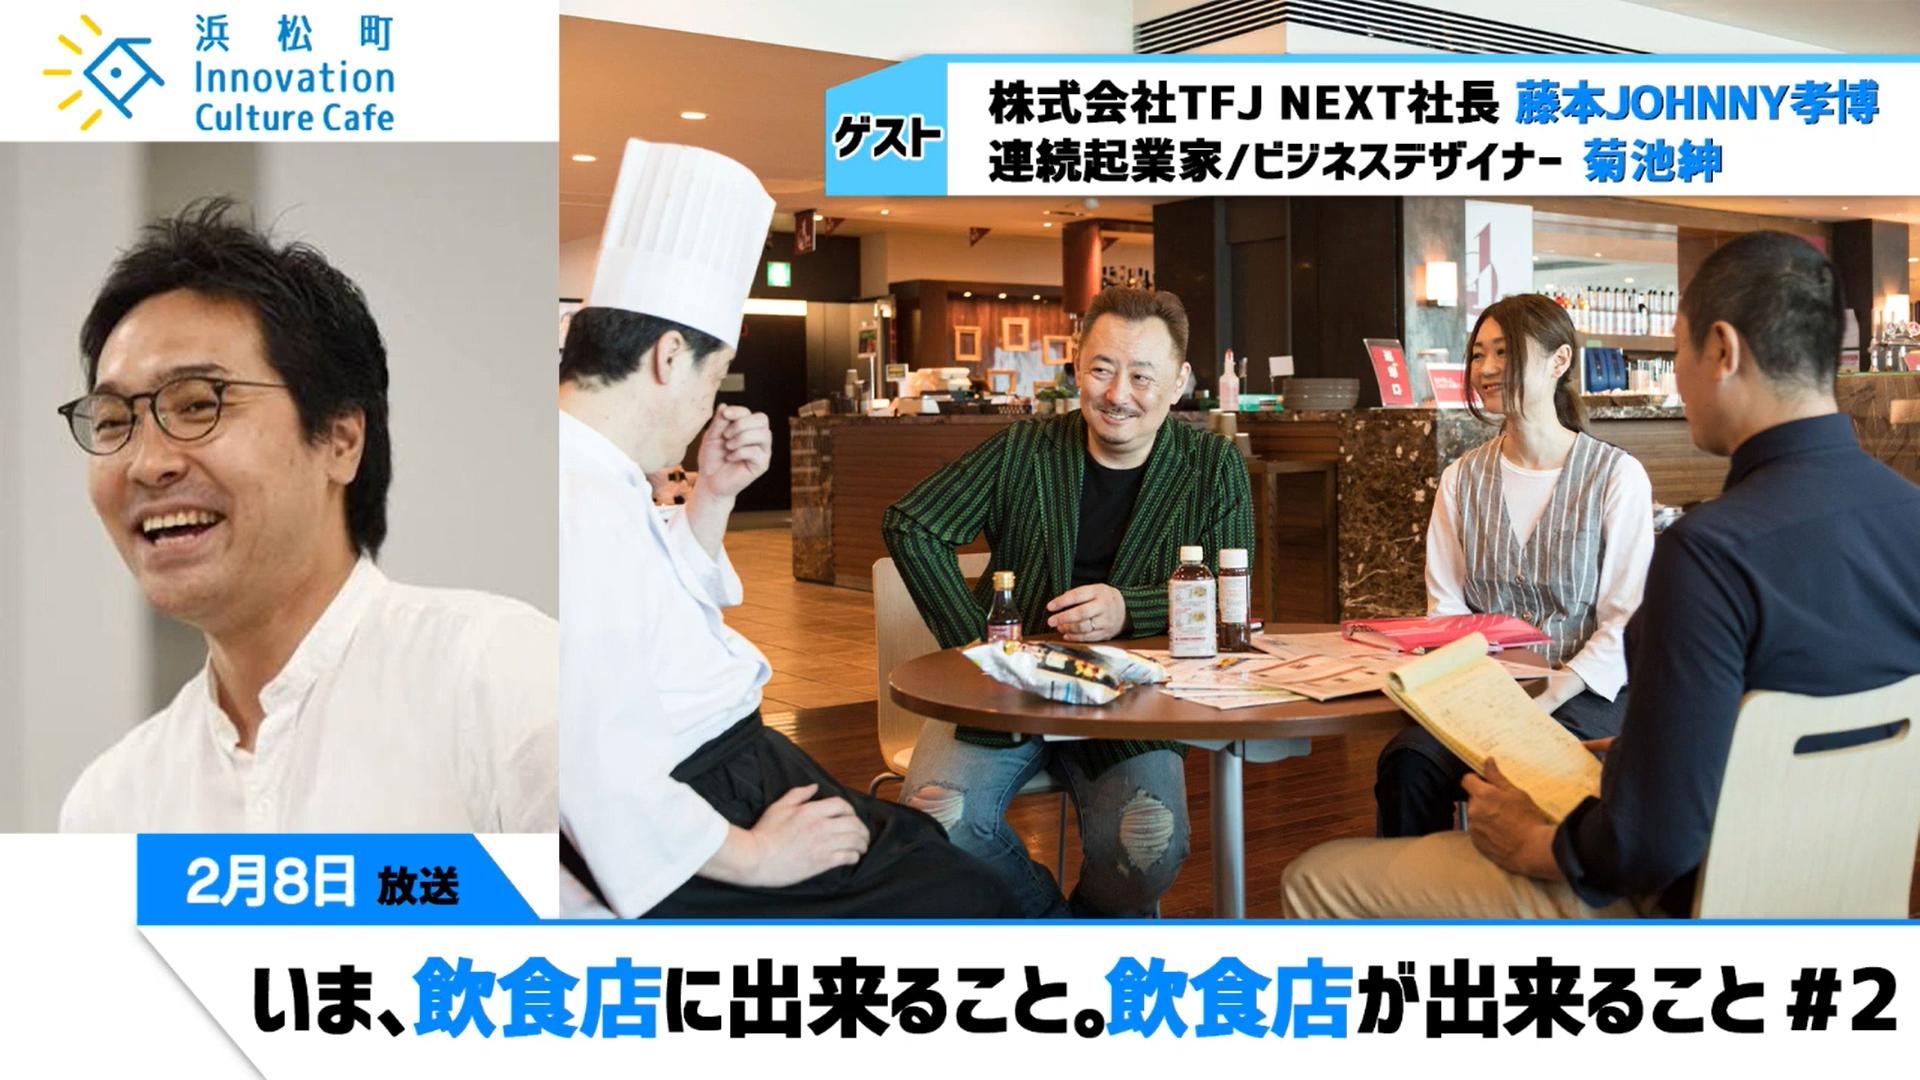 いま、飲食店に出来ること。飲食店が出来ること。#2『浜松町Innovation Culture Cafe』